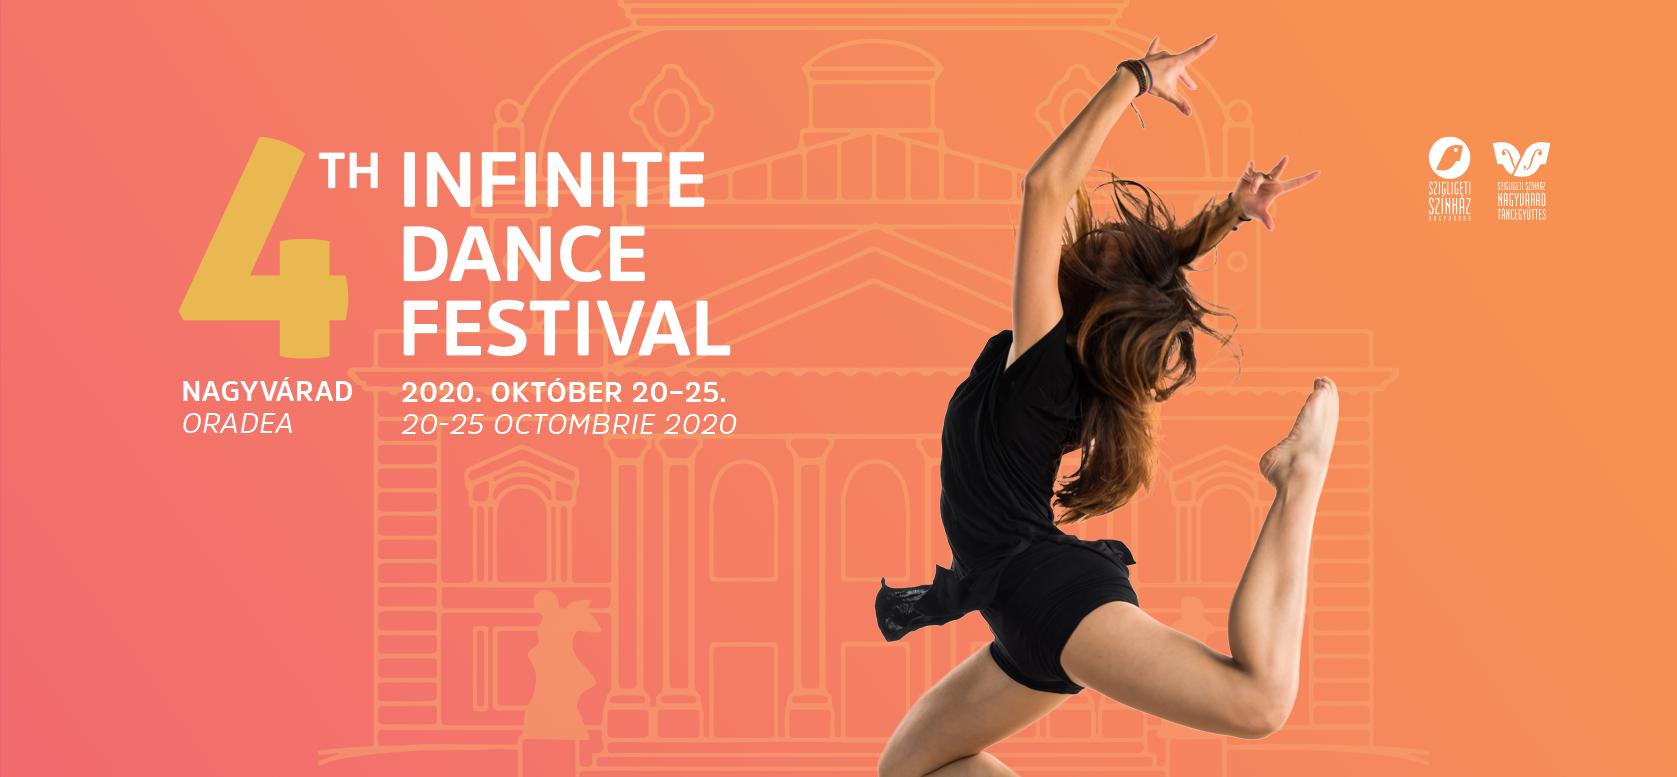 Infinite Dance Festival